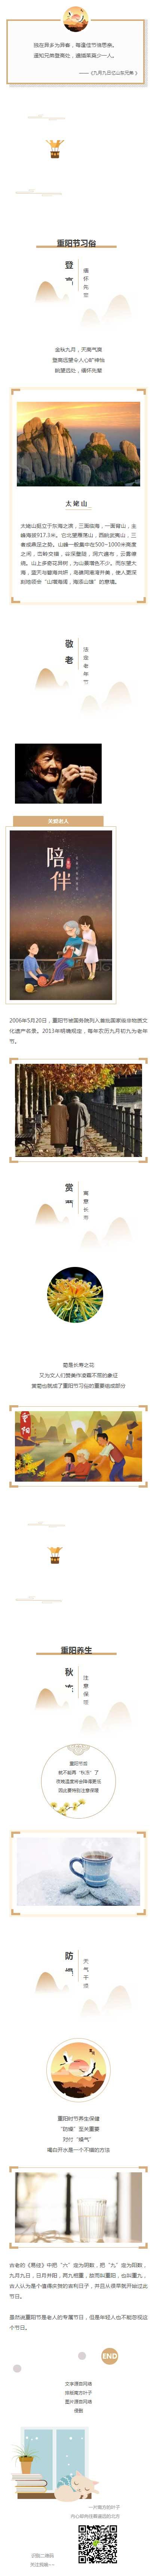 重阳节习俗九九重阳微信推文模板